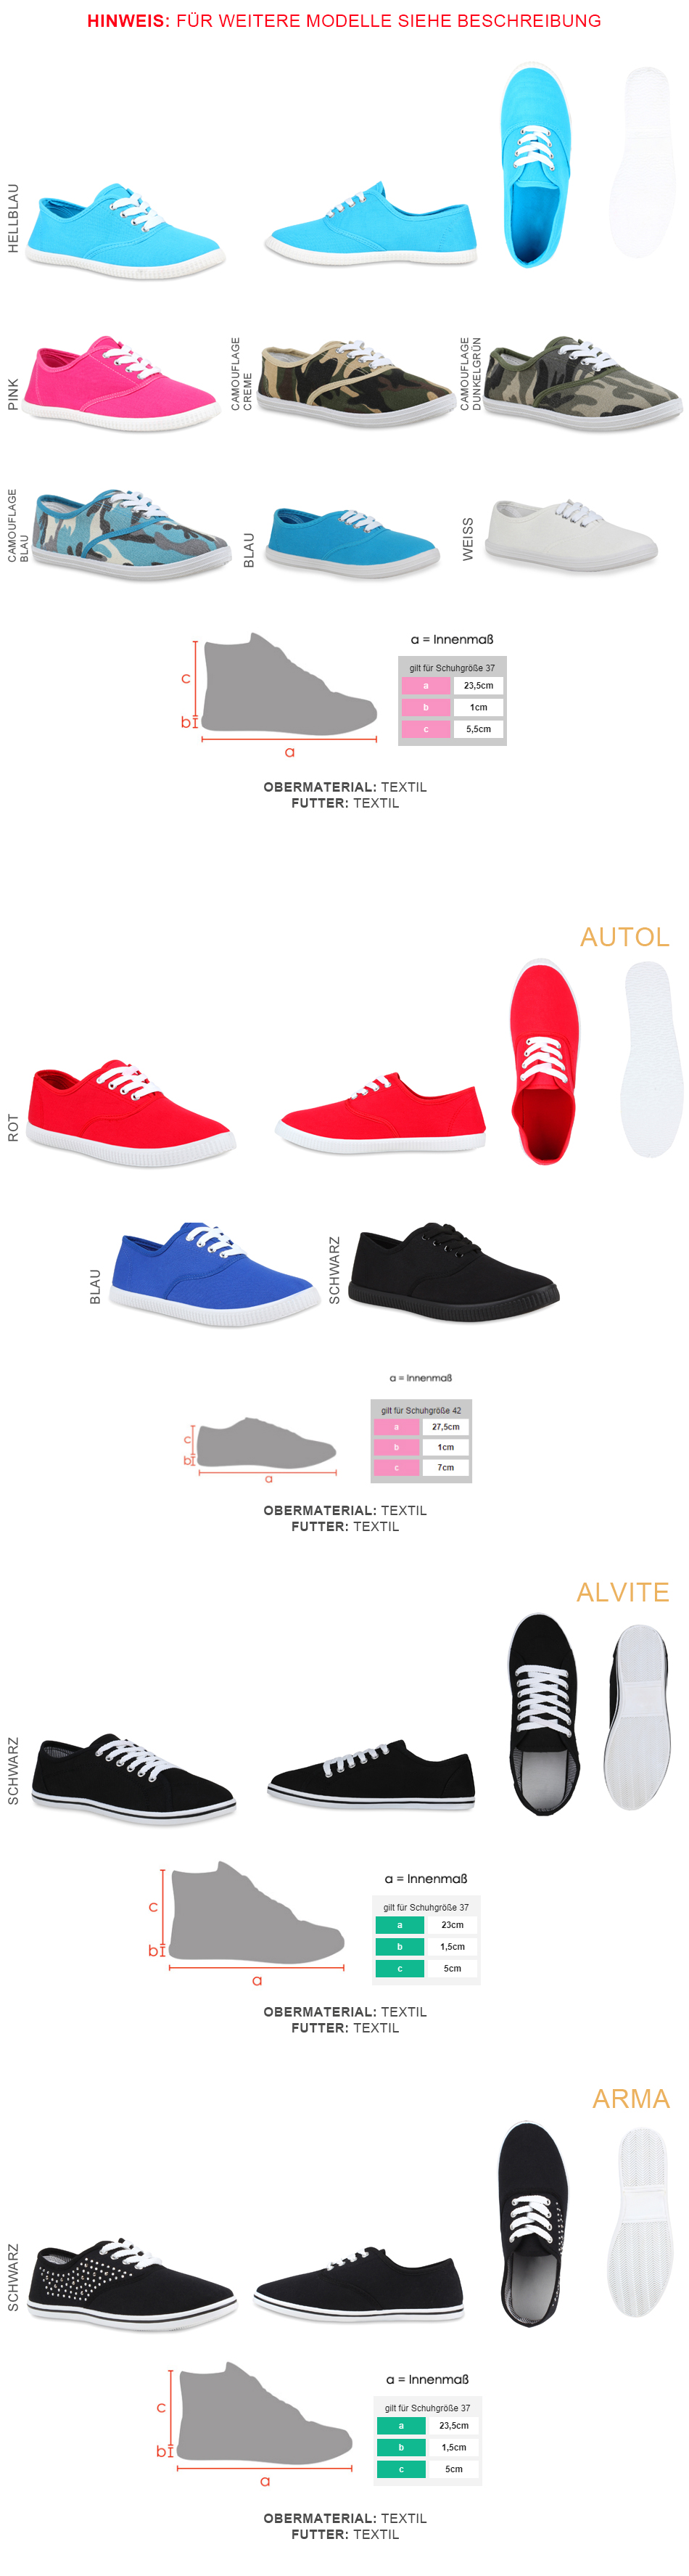 d663c1e01d541a Damen Sneakers Trendfarben Stoffschuhe 71233 Sportschuhe Gr. 36-41 ...